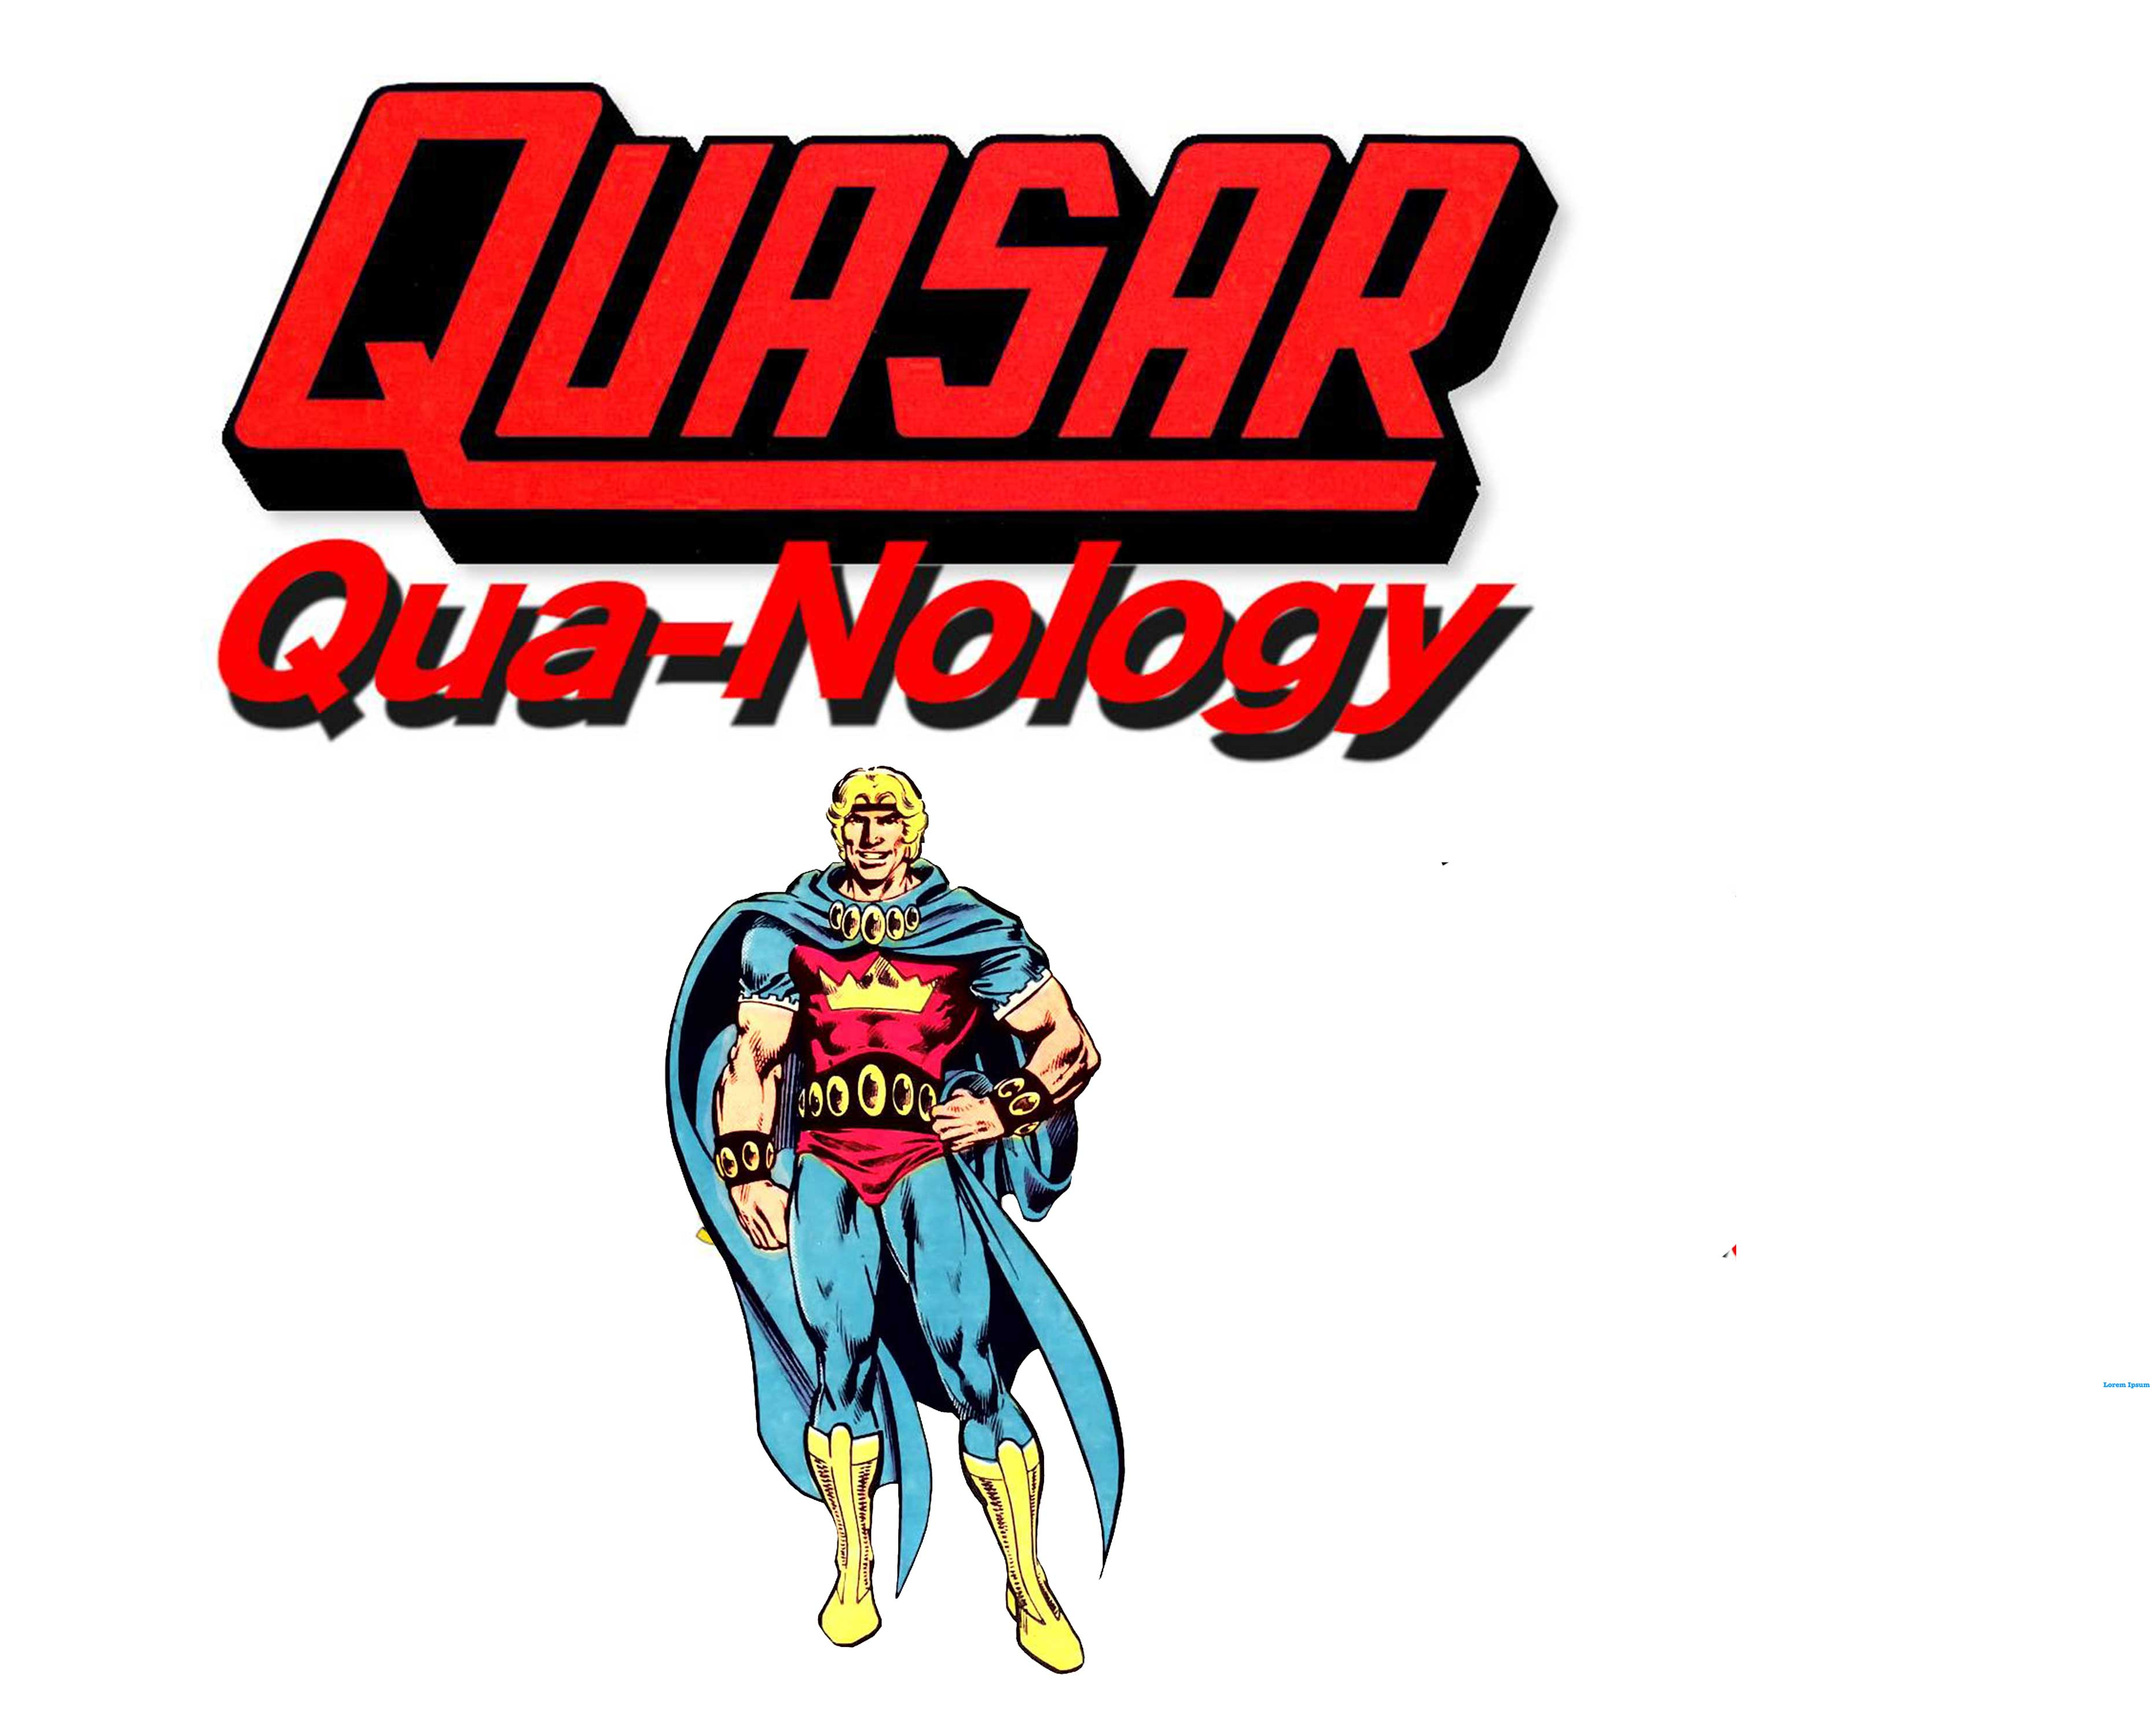 Quasar Qua-Nology